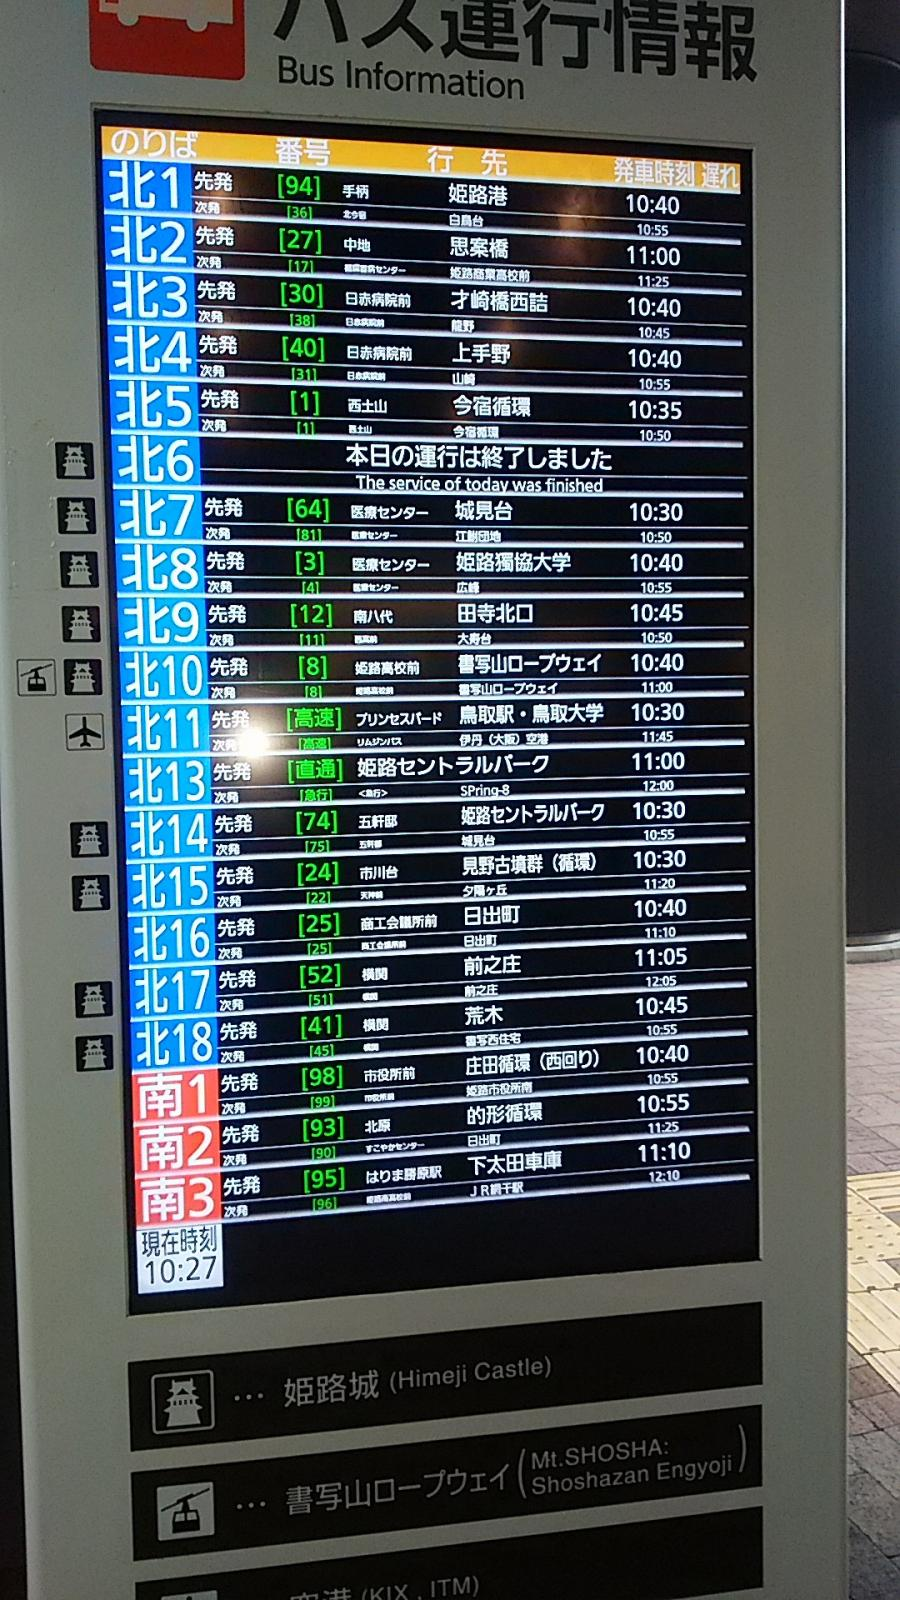 神姫バス(株)